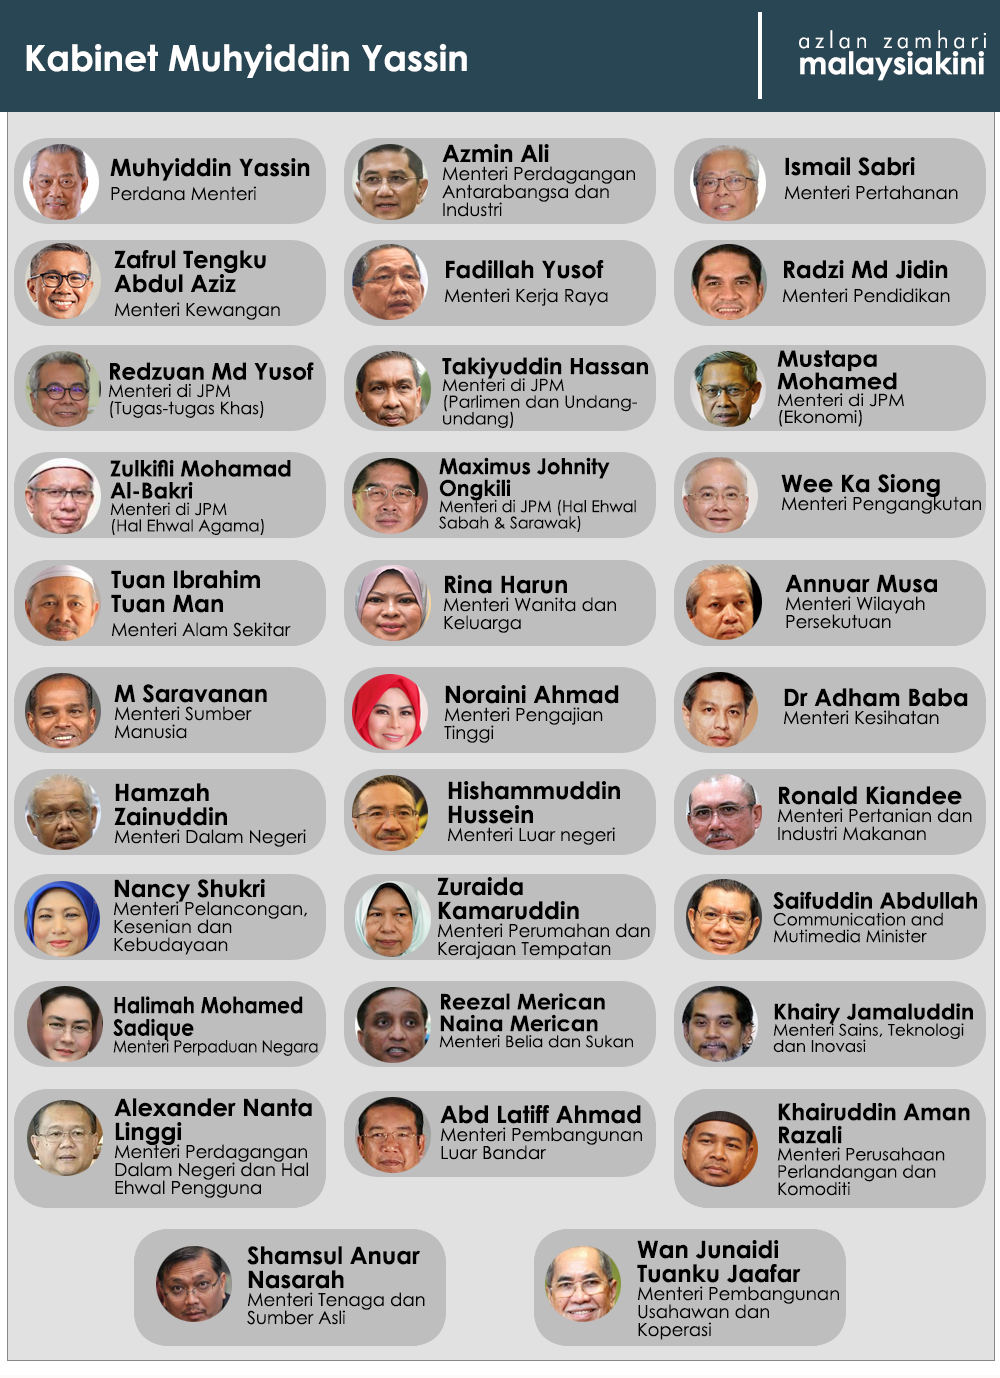 senarai menteri baru malaysia 2020, senarai kabinet baru 2020, pm 8 umum senarai penuh menteri kabinet,